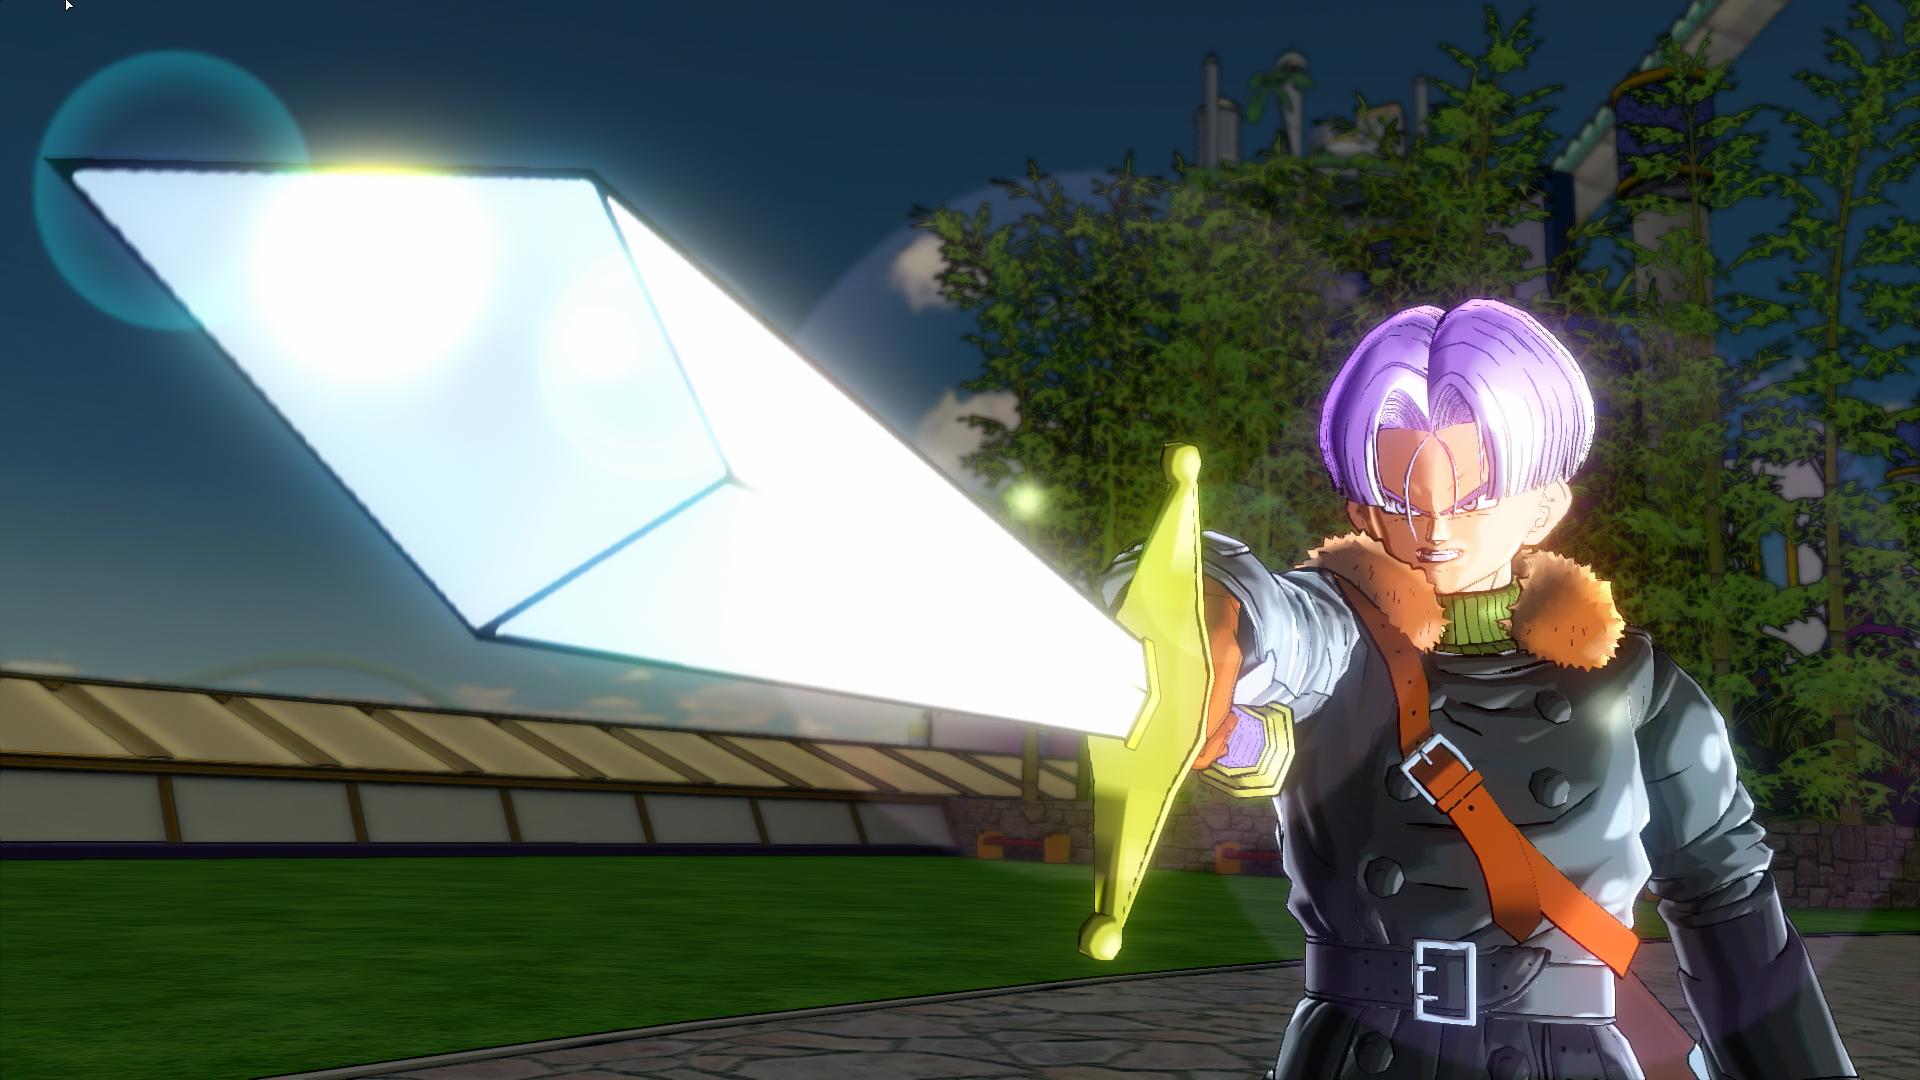 Dragon Ball: Xenoverse . Прохождение Dragon Ball: Xenoverse. Секреты Dragon Ball: Xenoverse. - Square Faction